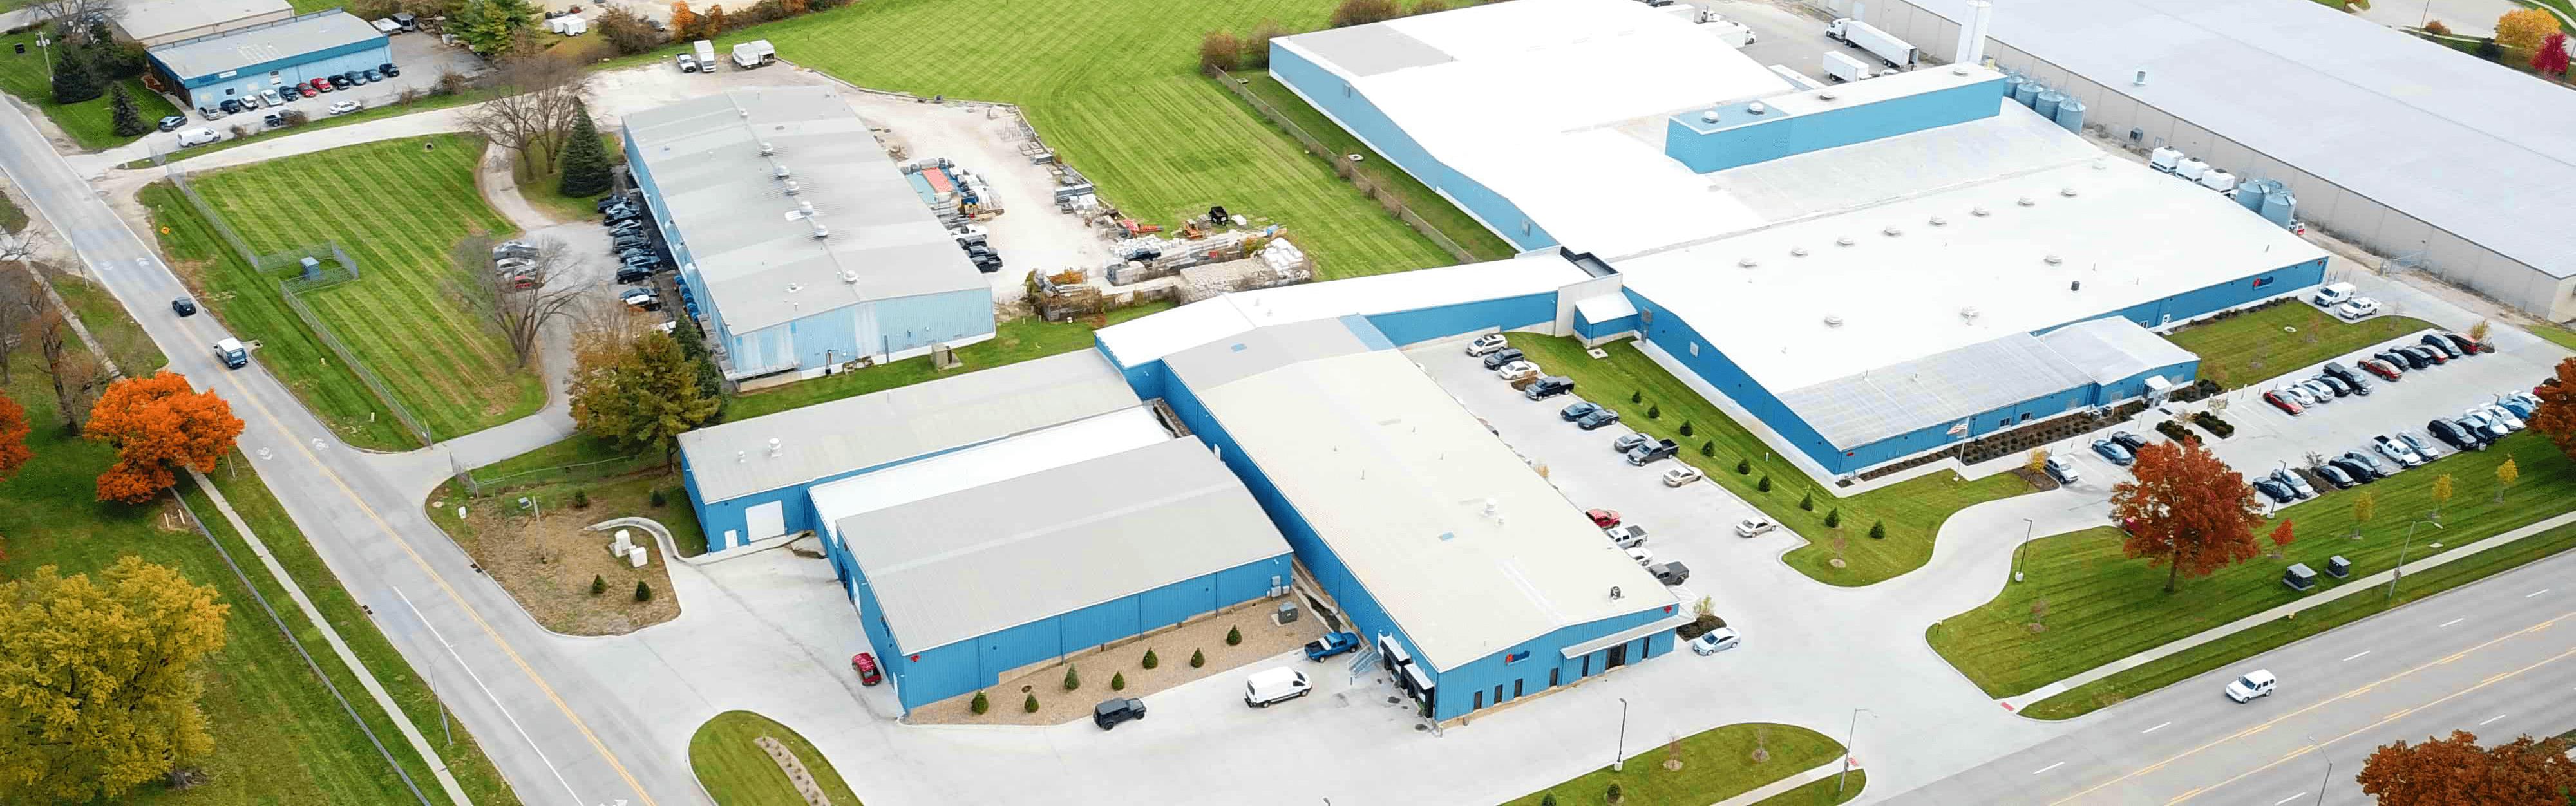 i2-tech facilities